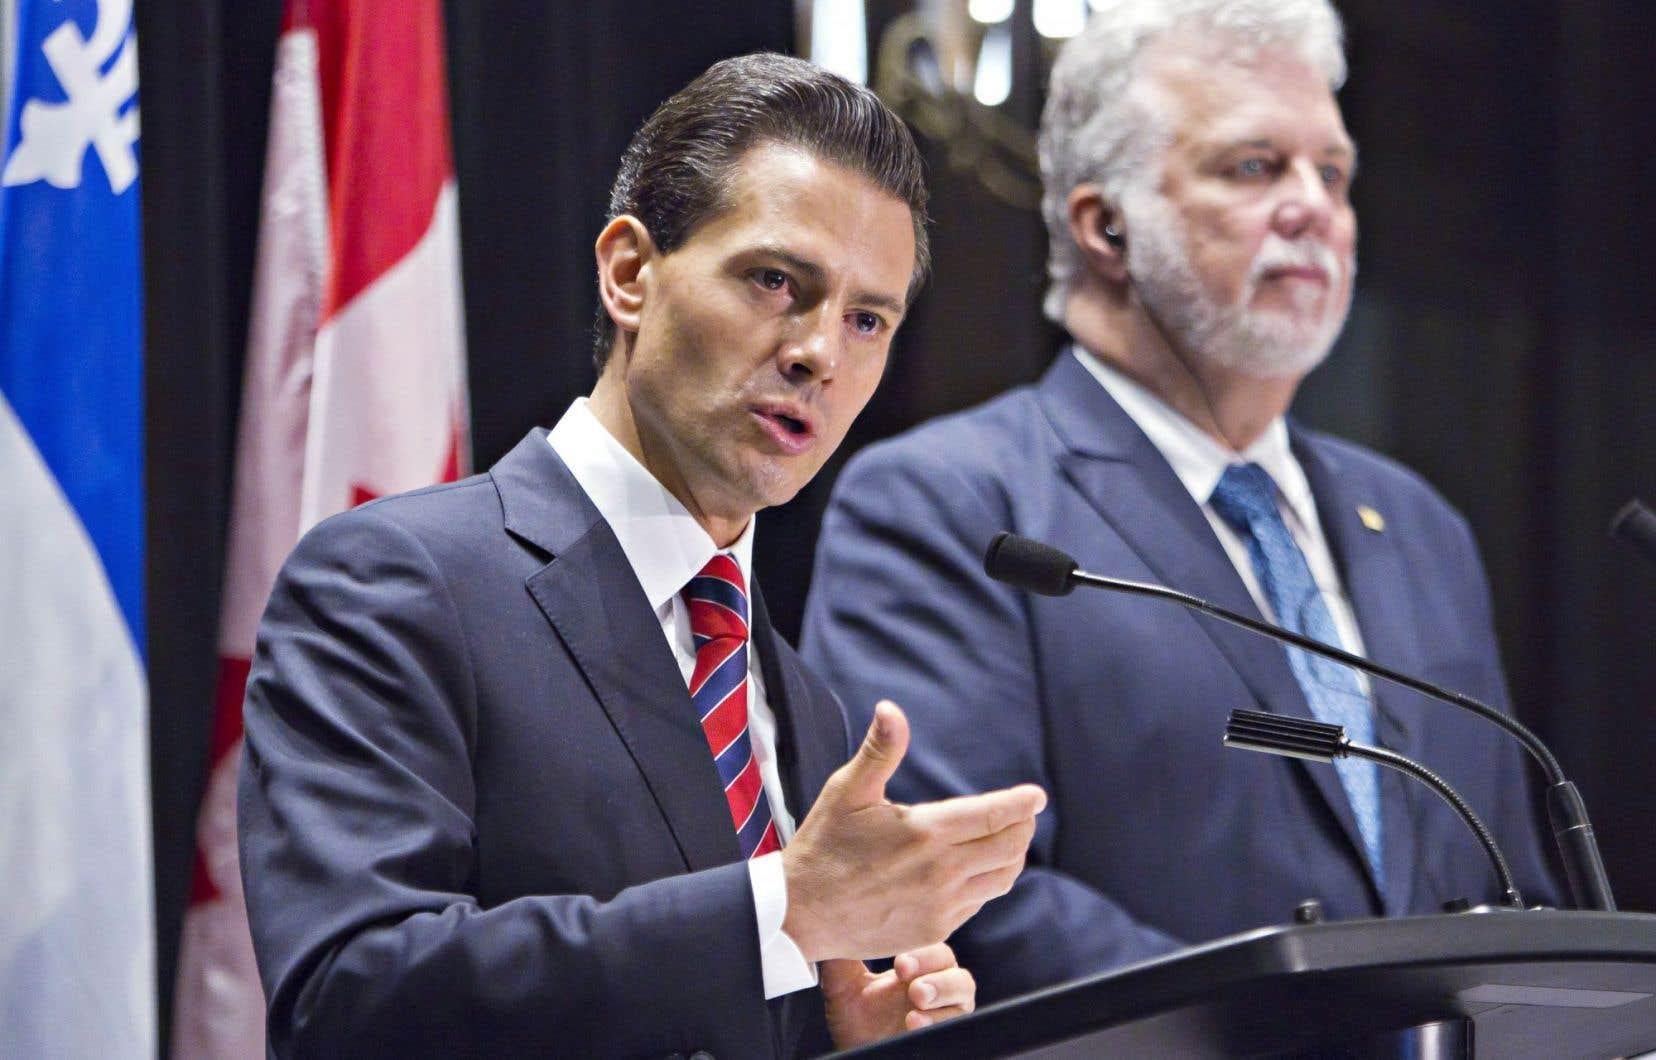 Le premier ministre Philippe Couillard est prêt à donner au président du Mexique, Enrique Peña Nieto, le temps nécessaire pour améliorer la situation des droits de la personne dans son pays.